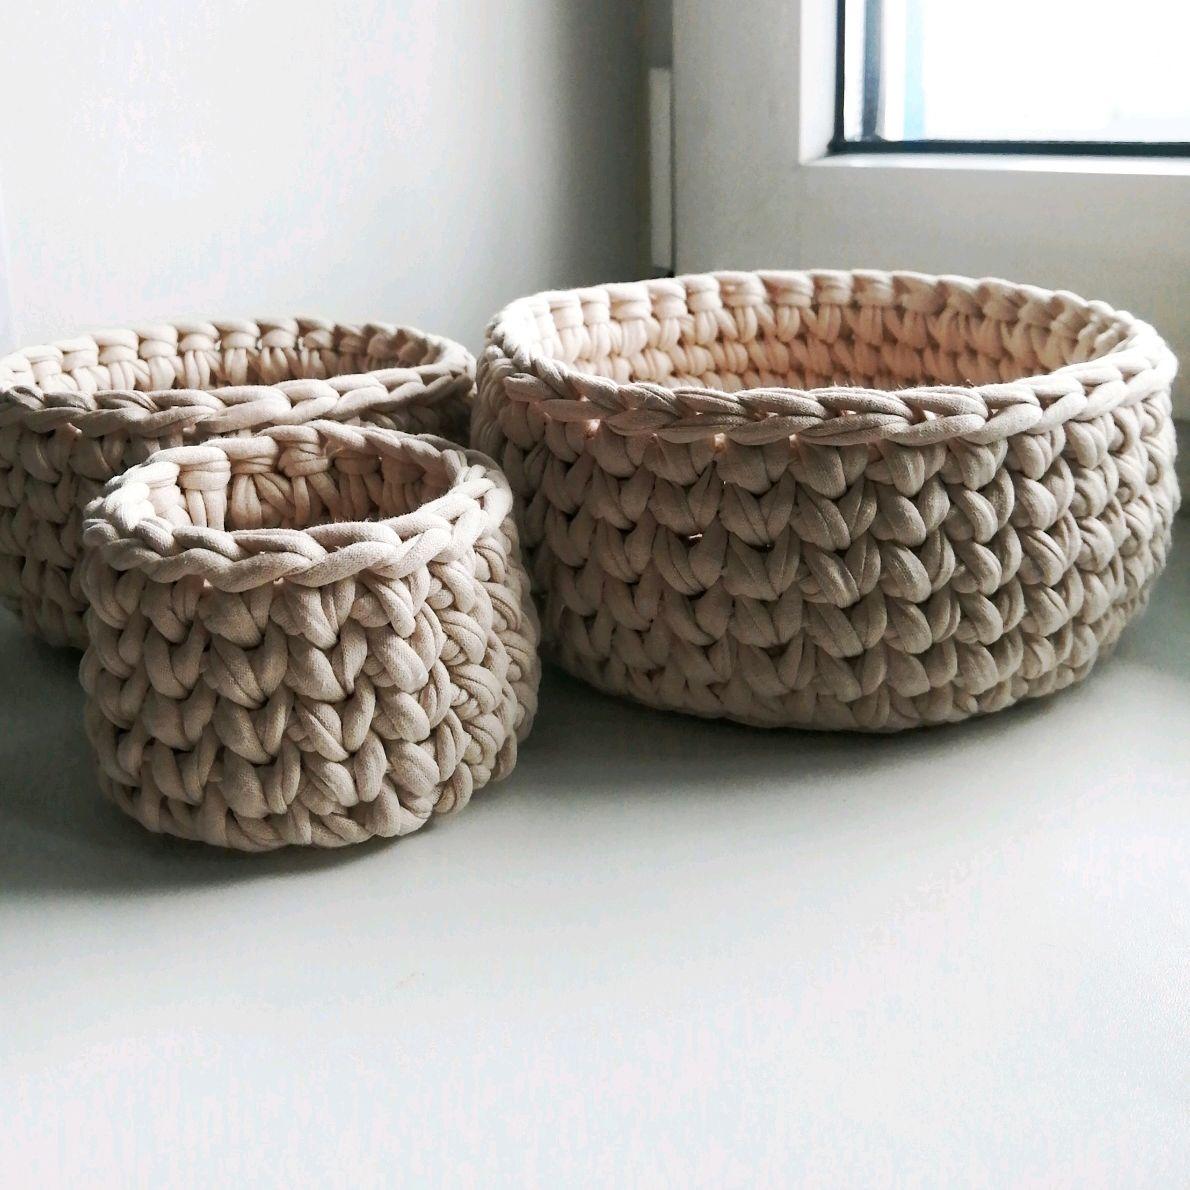 Набор из трех корзин Какао, Корзины, Санкт-Петербург,  Фото №1